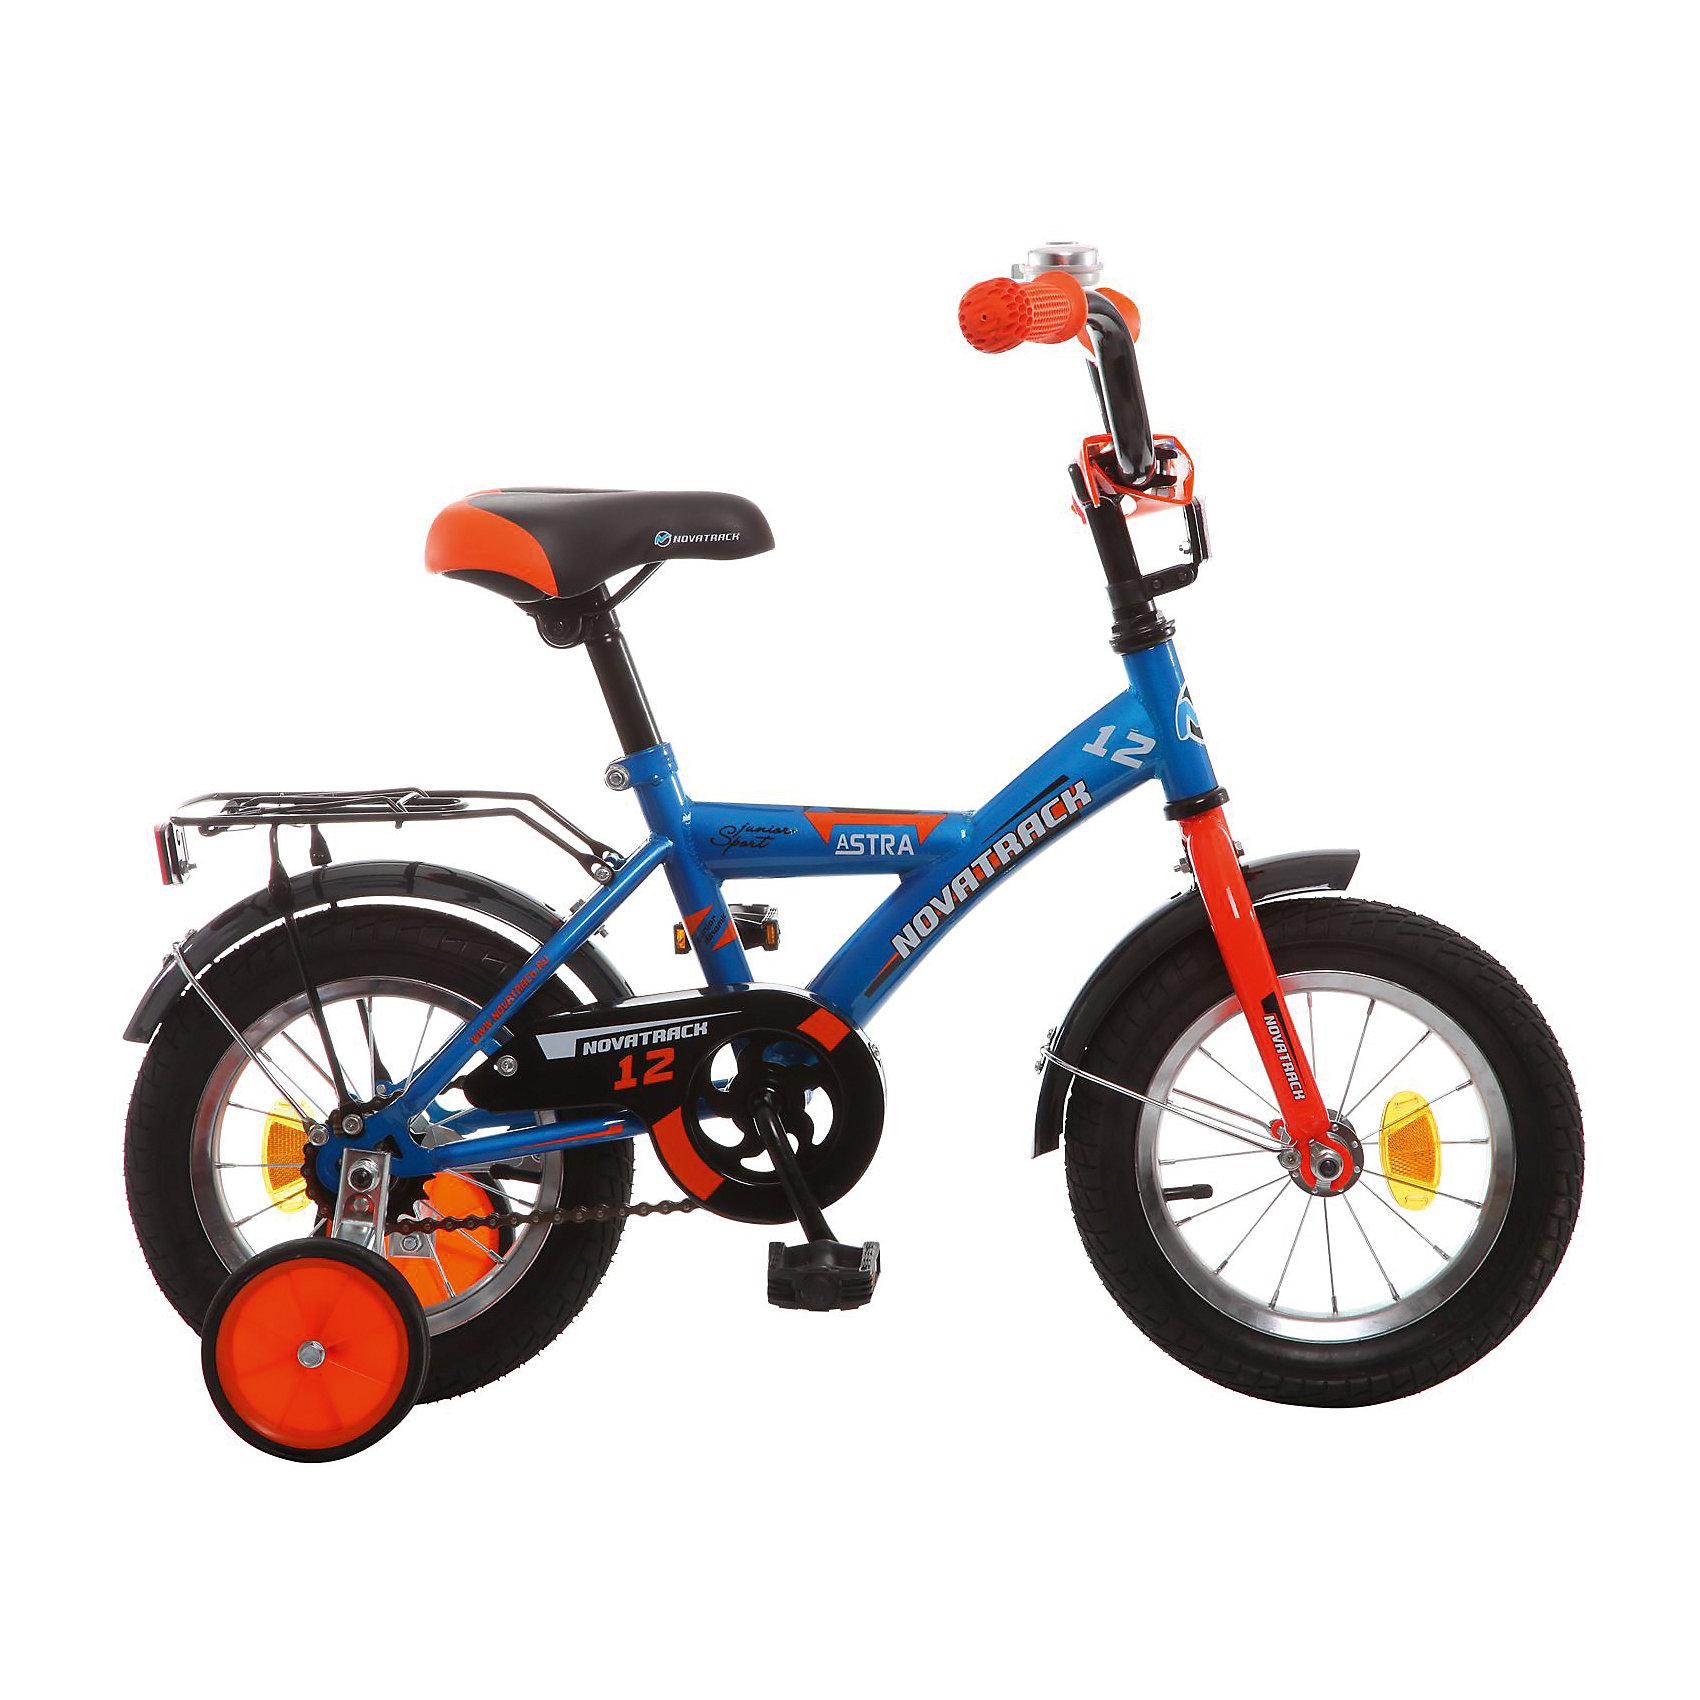 Велосипед ASTRA, синий, 12 дюймов, NovatrackВелосипеды детские<br>Хотите, чтобы ваш ребенок играя укреплял здоровье? Тогда ему нужен удобный и надежный велосипед Novatrack Astra 20'', рассчитанный на ребят 7-10 лет. Одного взгляда ребенка хватит, чтобы раз и навсегда влюбиться в свой новенький двухколесный транспорт. Дополнительную устойчивость железному «коню» обеспечивают два маленьких съемных колеса в цвет велосипеда. Astra собрана на базе рамы с универсальной геометрией, которая позволяет легко взобраться или слезть с велосипеда, при этом он имеет такой вес, что ребенок сам легко справляется со своим транспортным средством. Еще один элемент безопасности – это защита цепи, которая оберегает одежду и ноги ребенка от попадания в механизм. Стильные крылья защитят от грязи и брызг, а на багажнике ребенок сможет перевозить массу полезных в дороге вещей. Данная модель маневренна и легко управляется, поэтому ребенку будет несложно и интересно учиться езде.<br><br>Ширина мм: 810<br>Глубина мм: 185<br>Высота мм: 410<br>Вес г: 95000<br>Возраст от месяцев: 36<br>Возраст до месяцев: 60<br>Пол: Унисекс<br>Возраст: Детский<br>SKU: 5613209